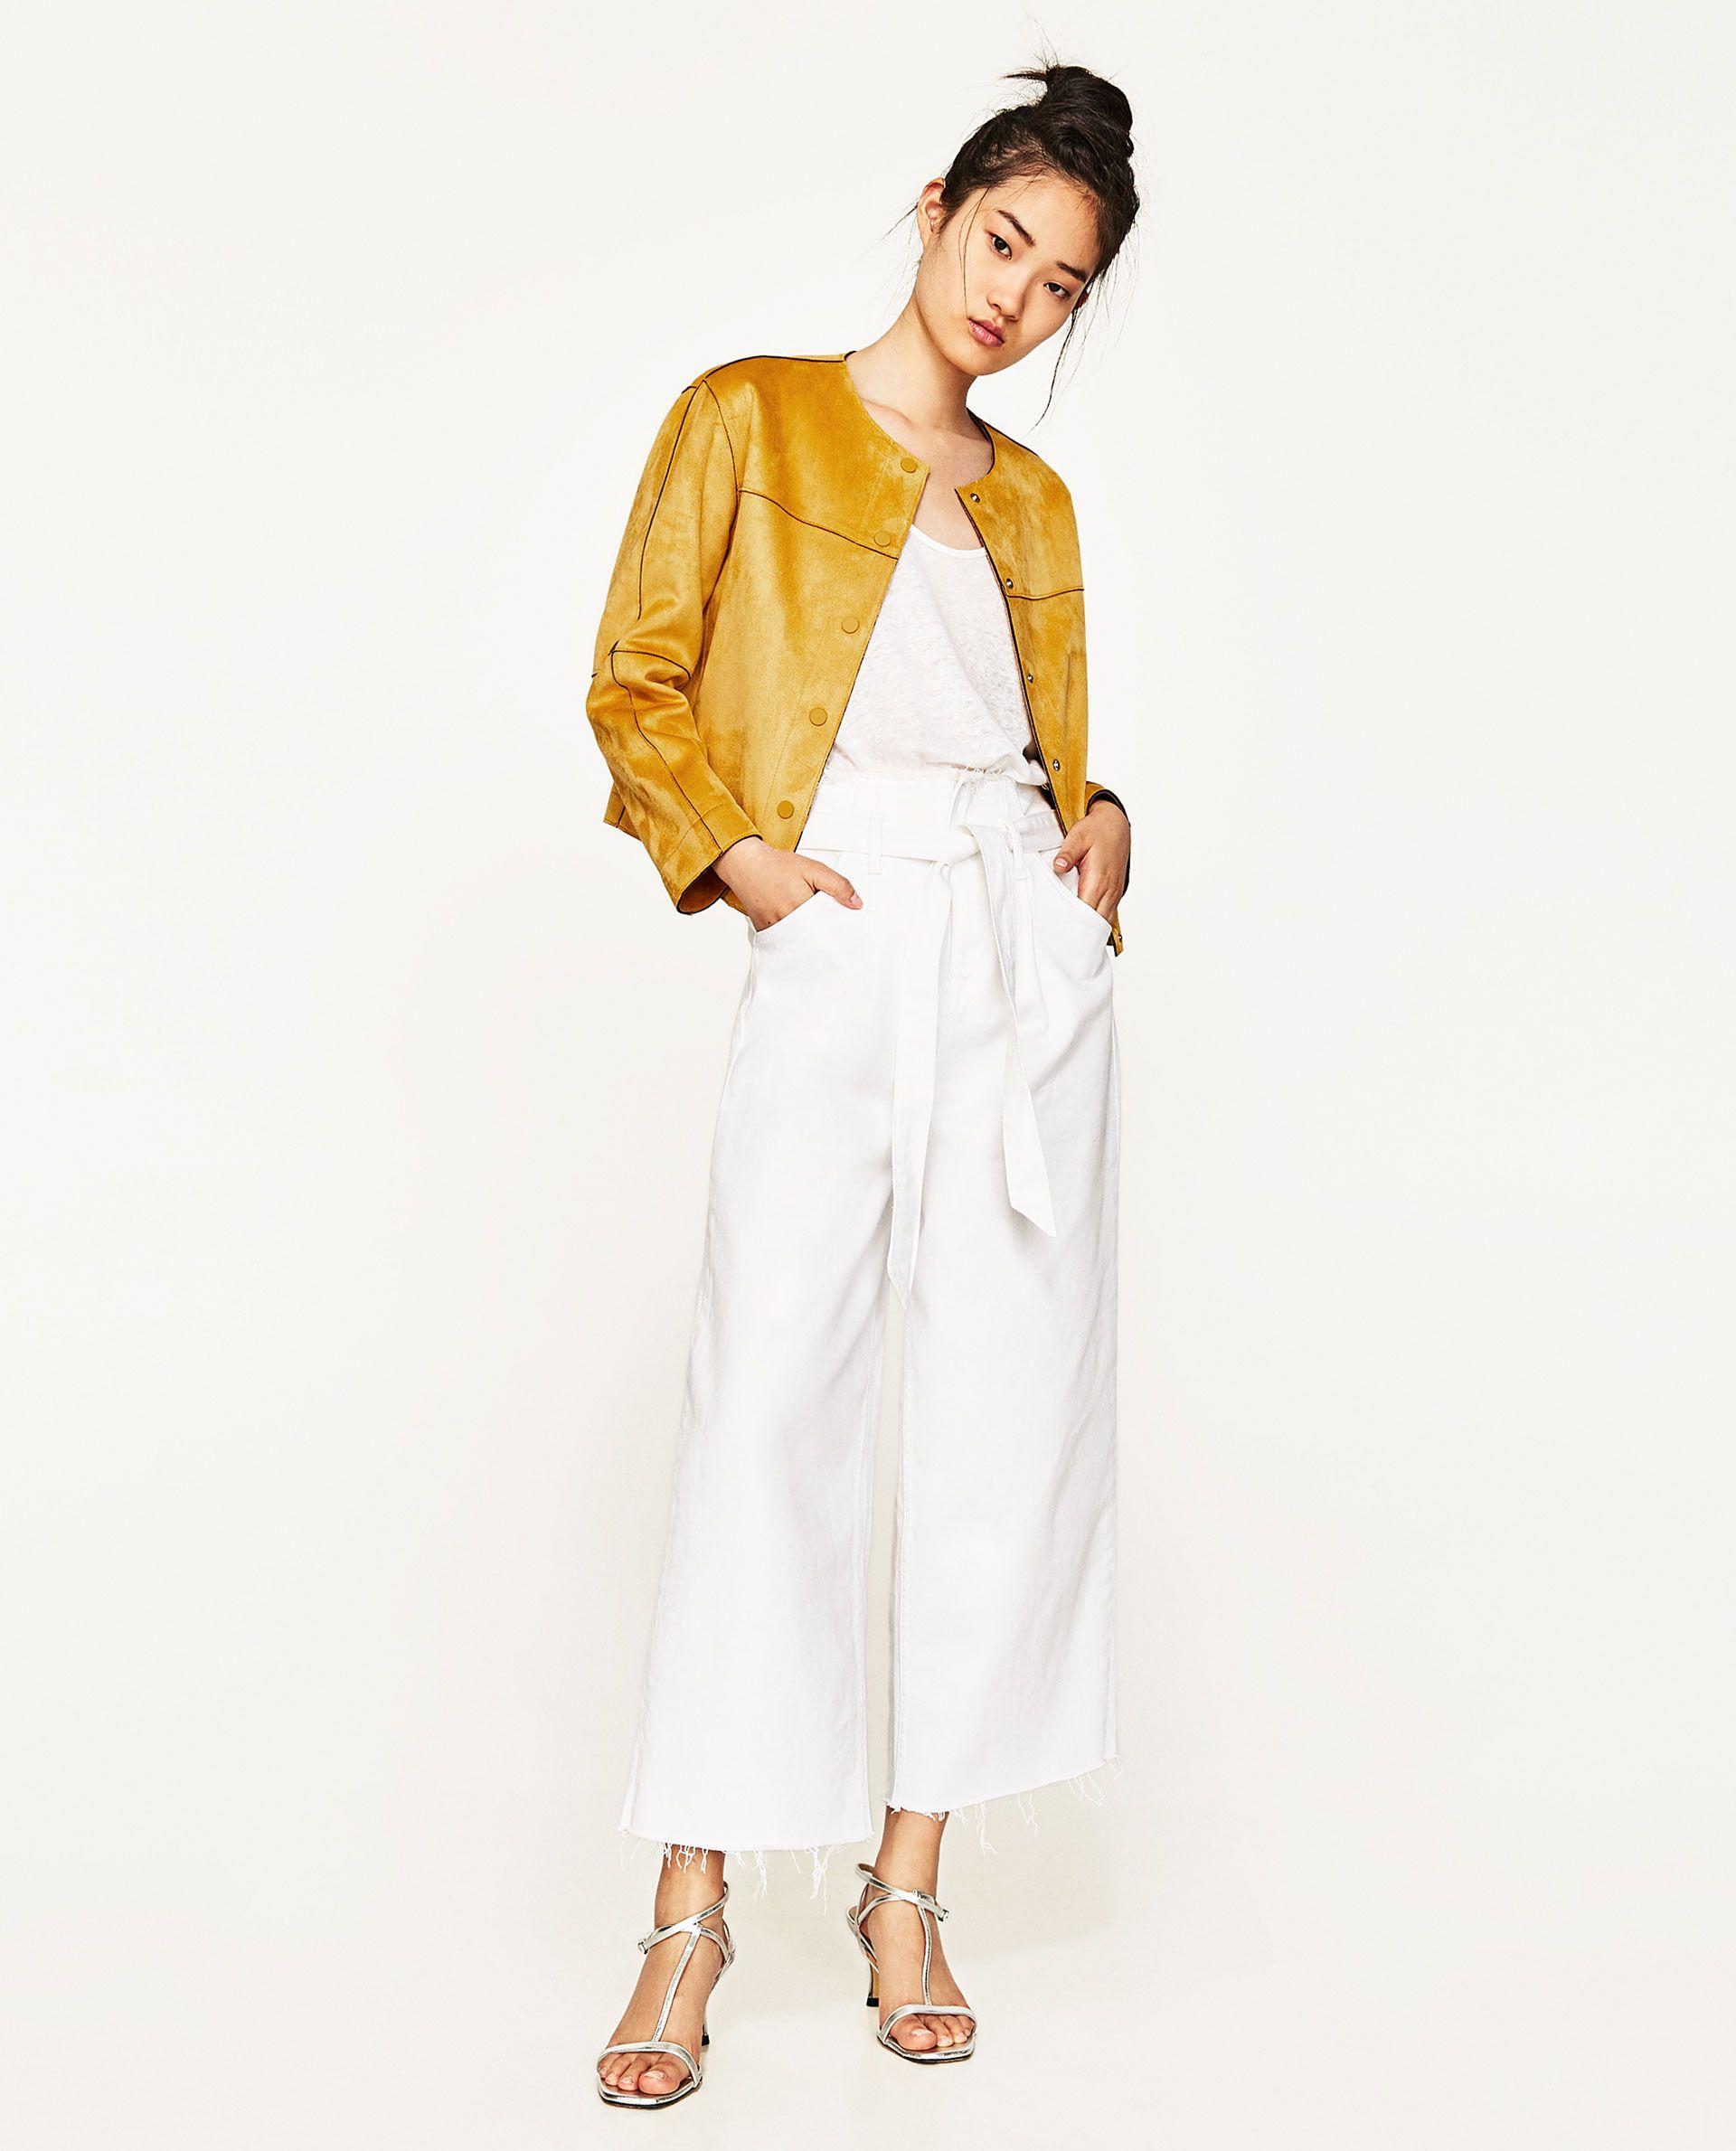 CAZADORA EFECTO ANTE | Cazadora, Zara y Tablón de moda